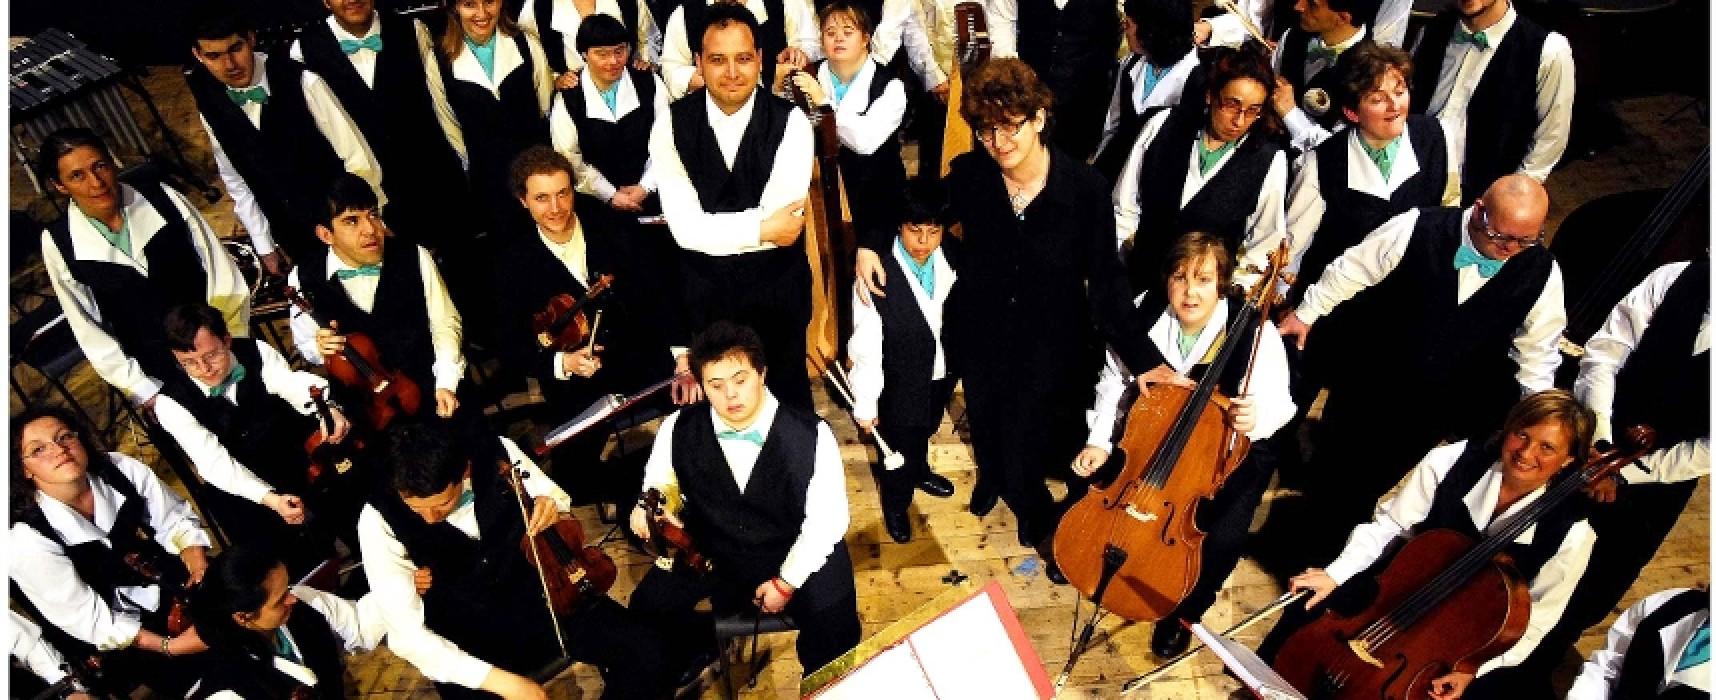 """Musicoterapia e metodologia """"Esagramma"""" sul palco del Garibaldi a cura della FIDAPA"""